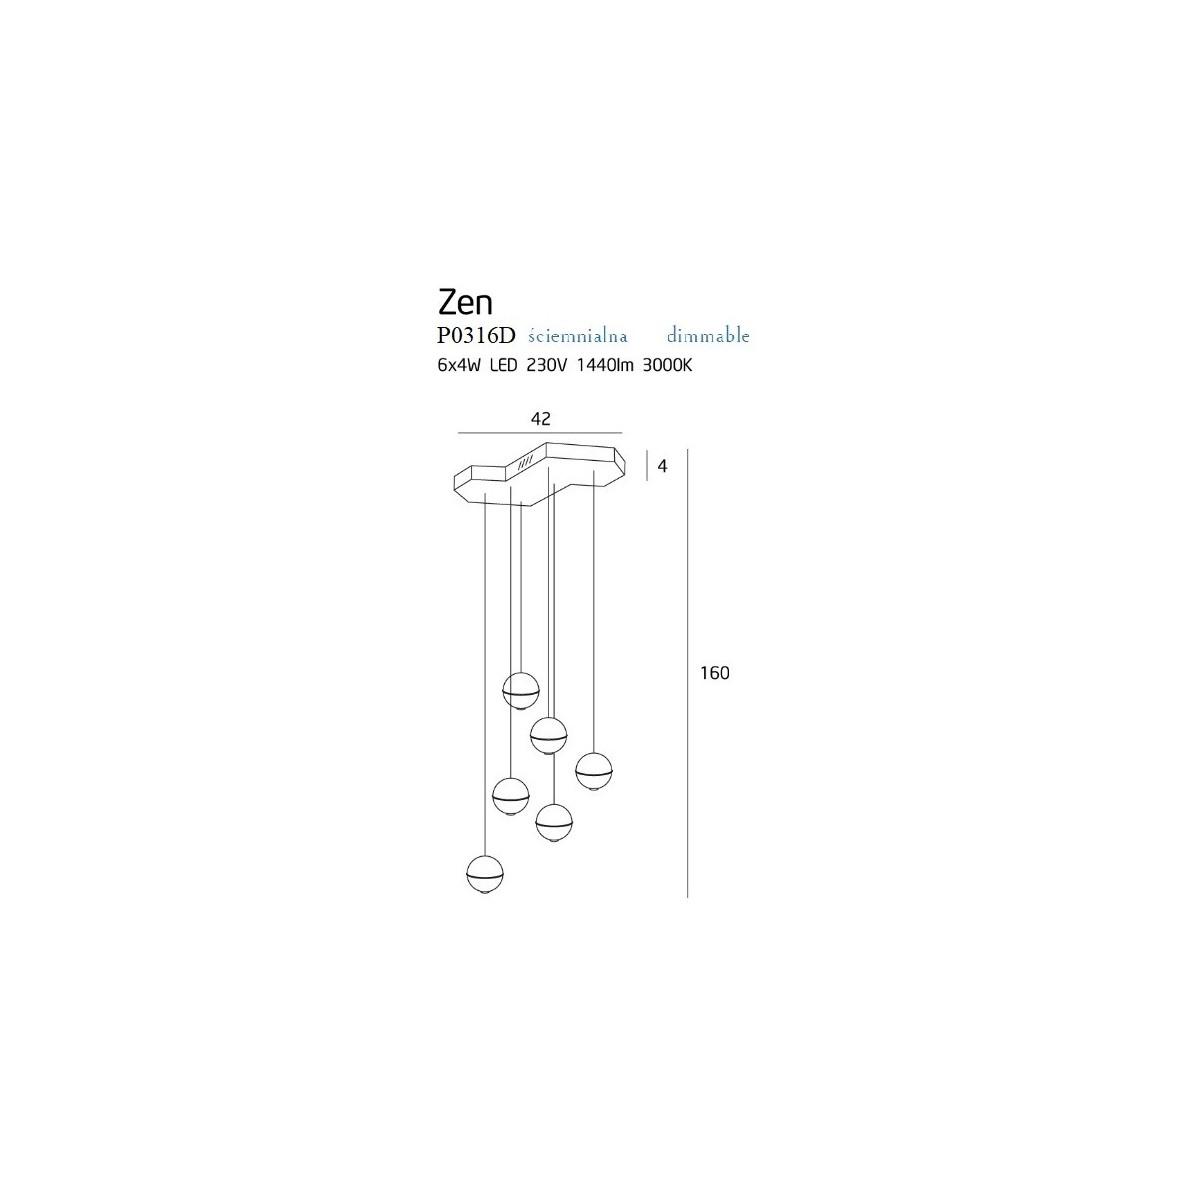 MAXlight Zen 6 Wisząca 6x4W LED 1440lm 3000K Ściemnialna Miedź P0316D